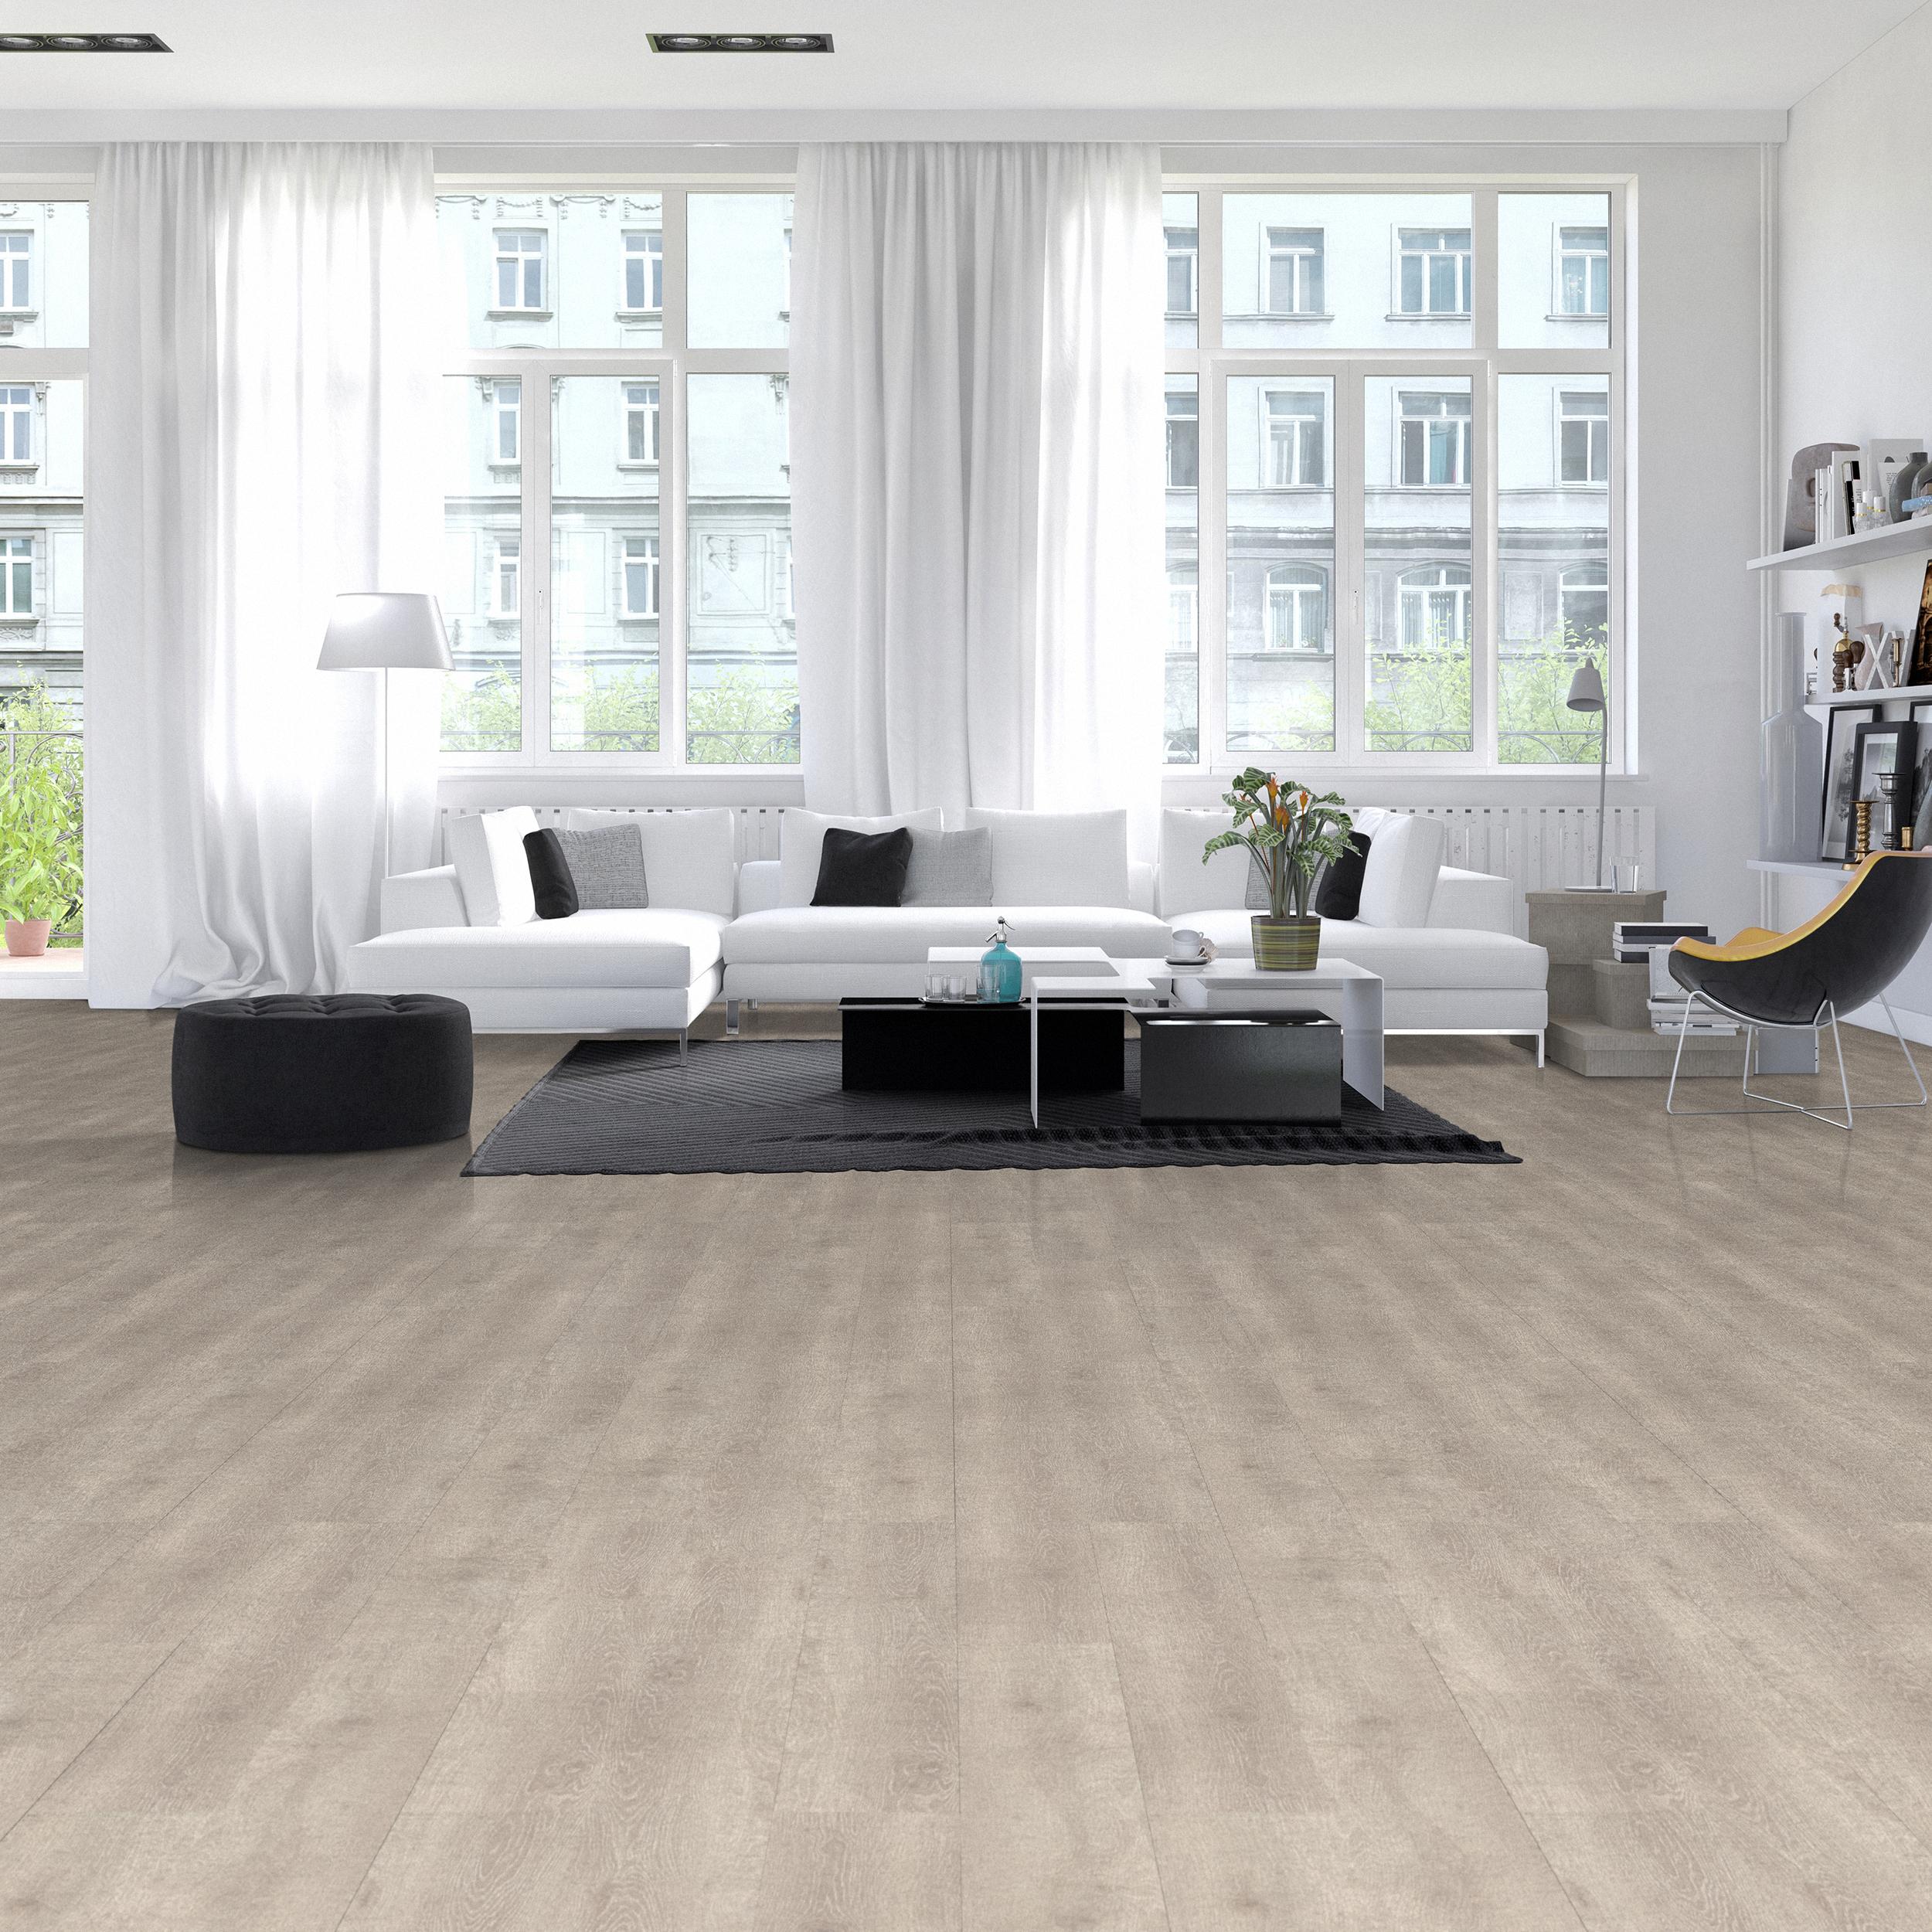 5 padló, ami biztosan tetszeni fog, ha modern otthont szeretnél